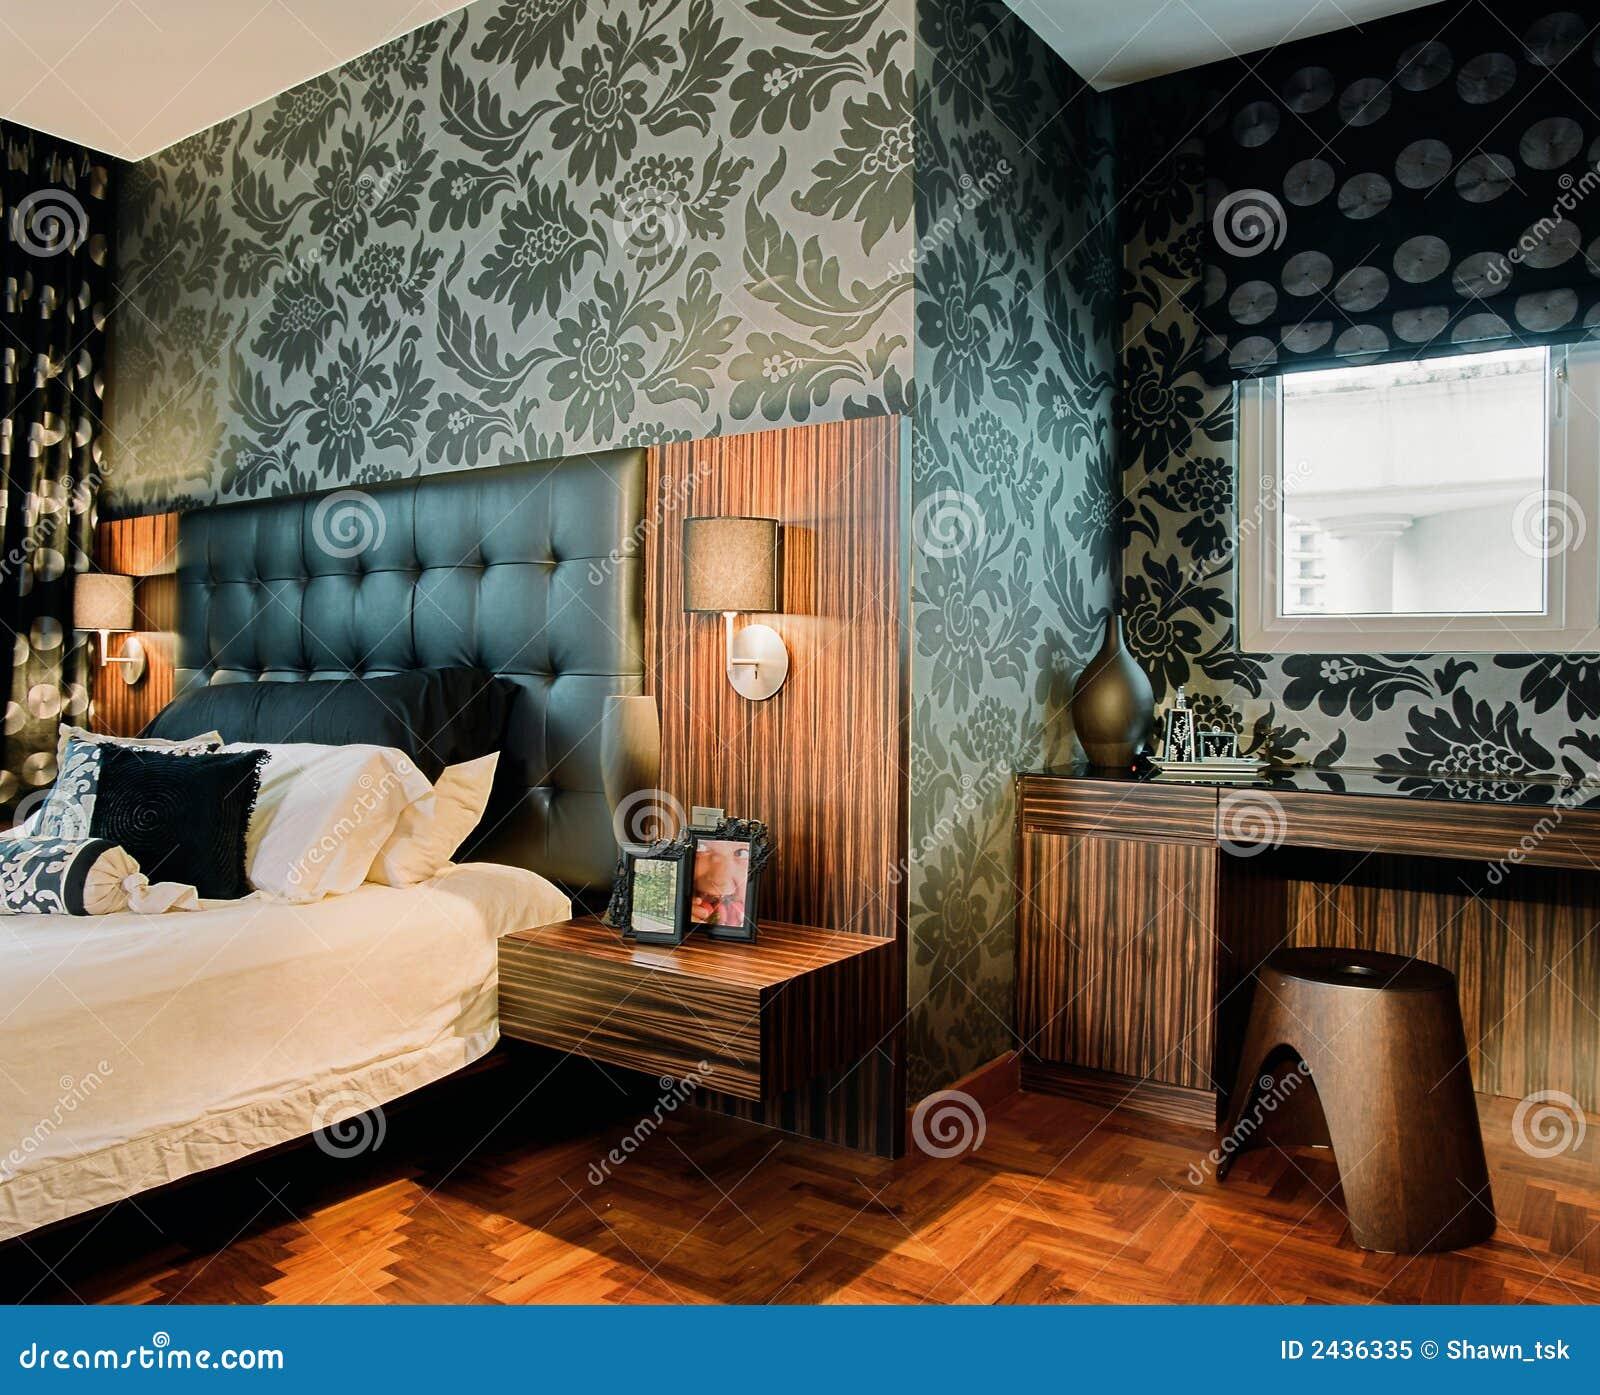 Innenarchitekt schlafzimmer  Innenarchitektur - Schlafzimmer Lizenzfreies Stockfoto - Bild: 2436335